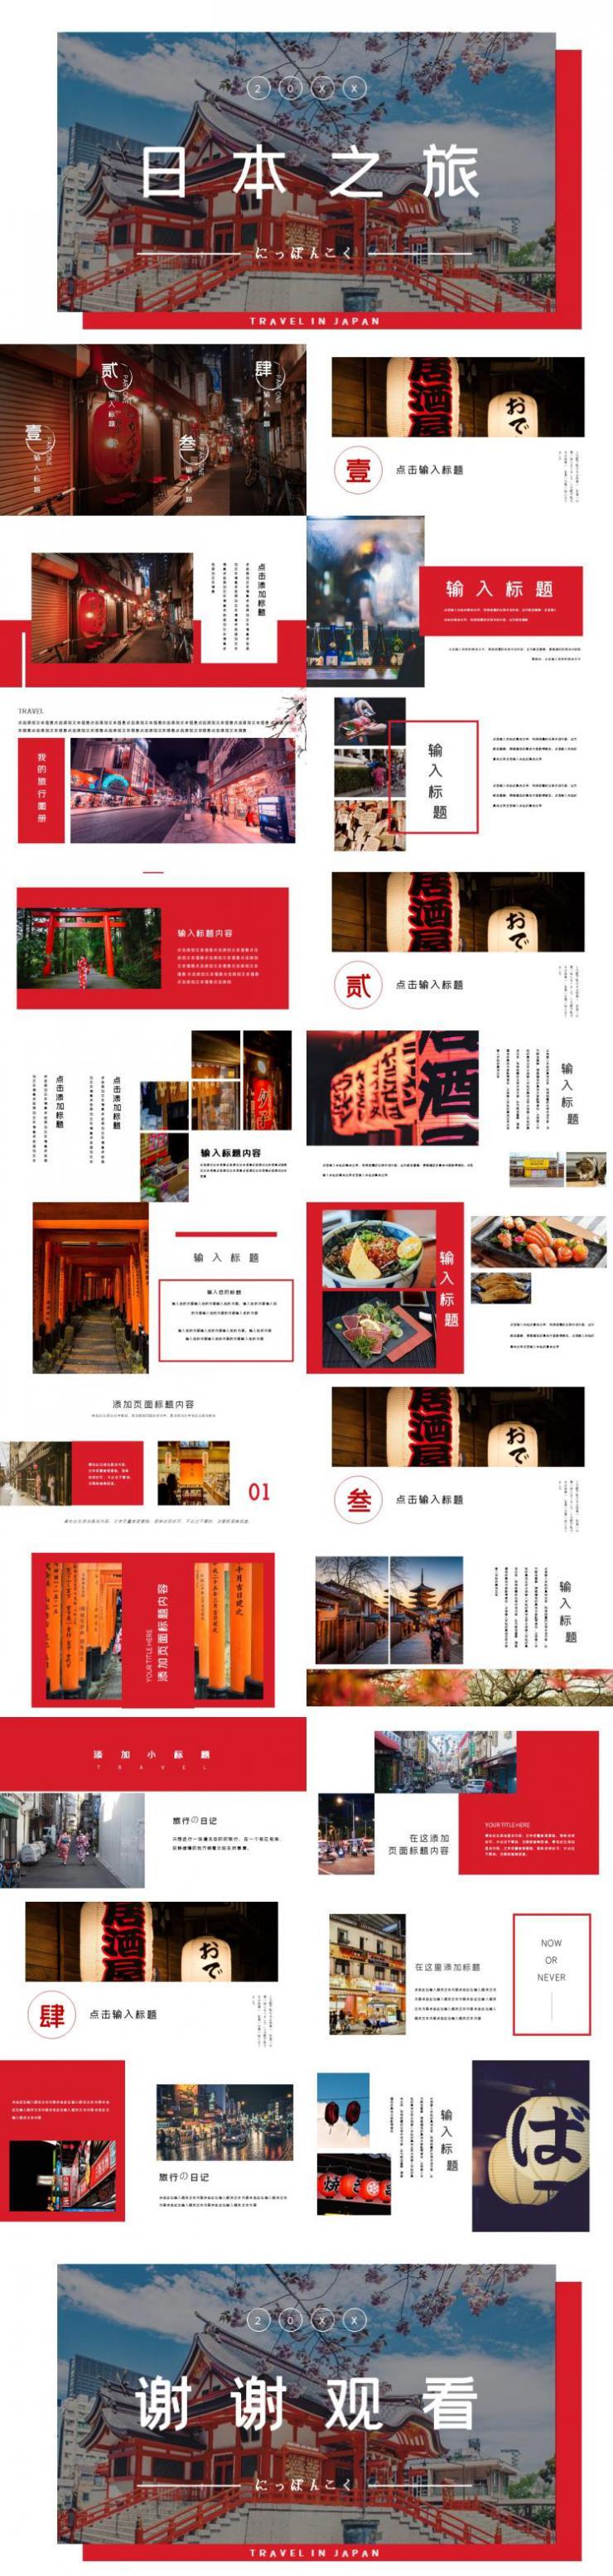 日本旅游PPT模板下载